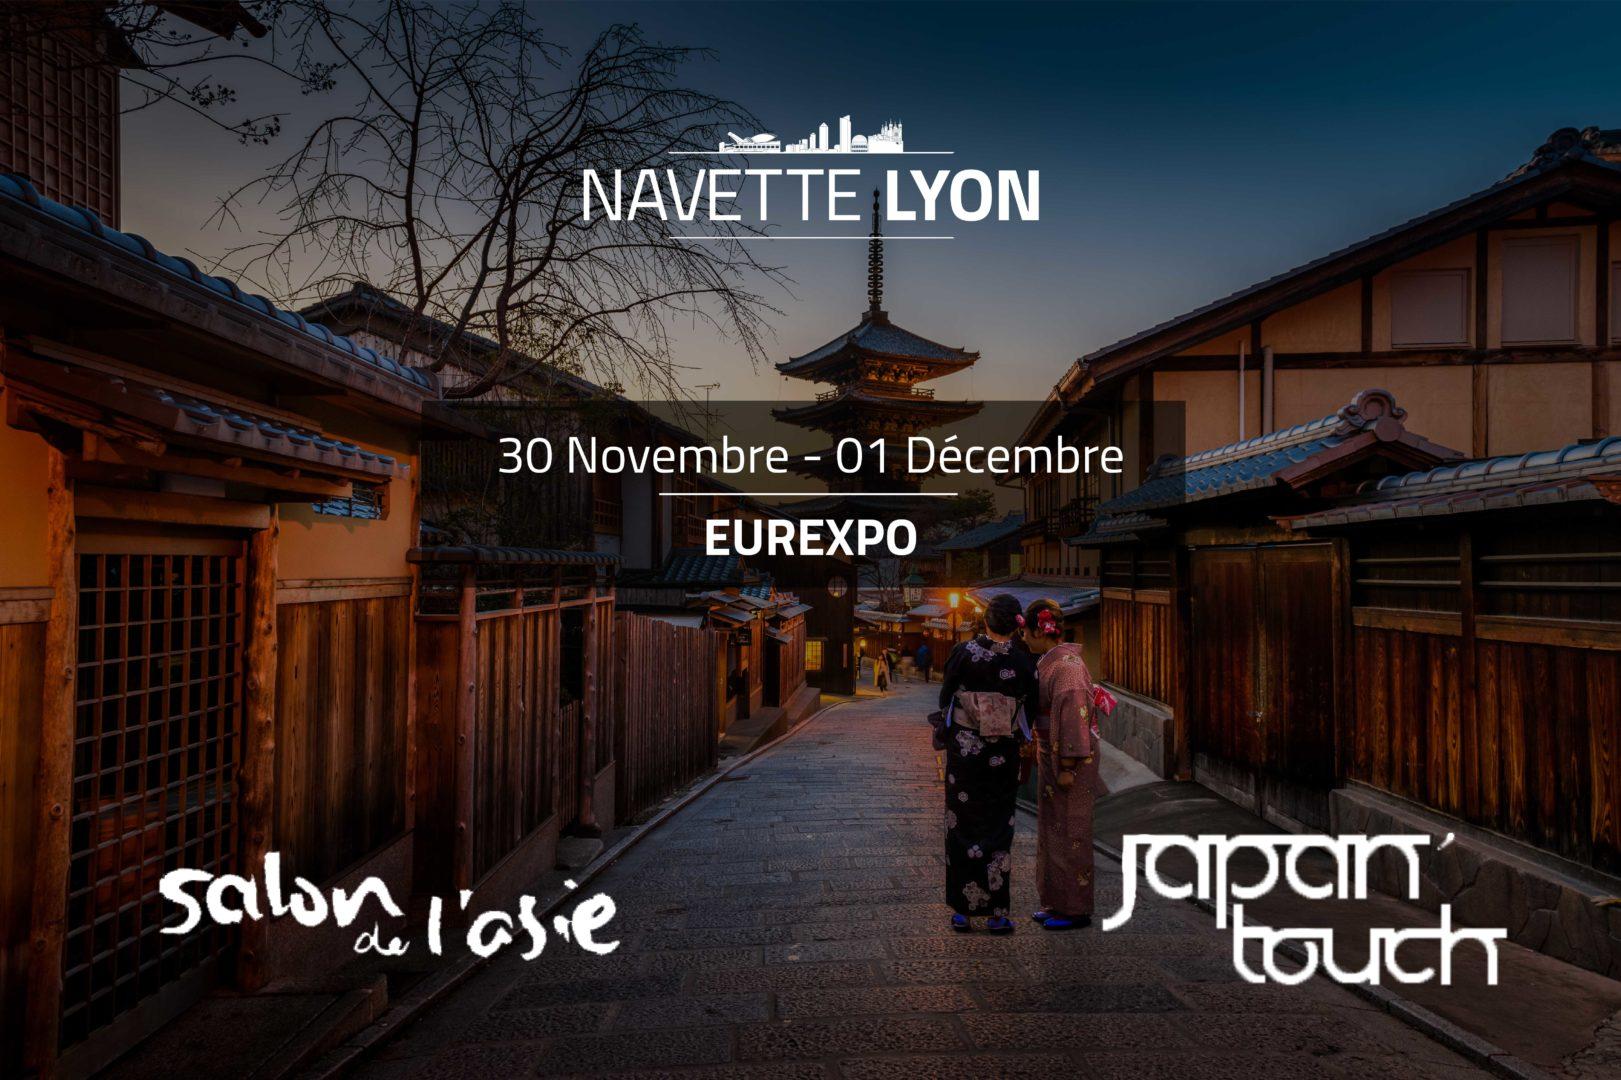 Le Salon de l'Asie et la Japan Touch à Lyon